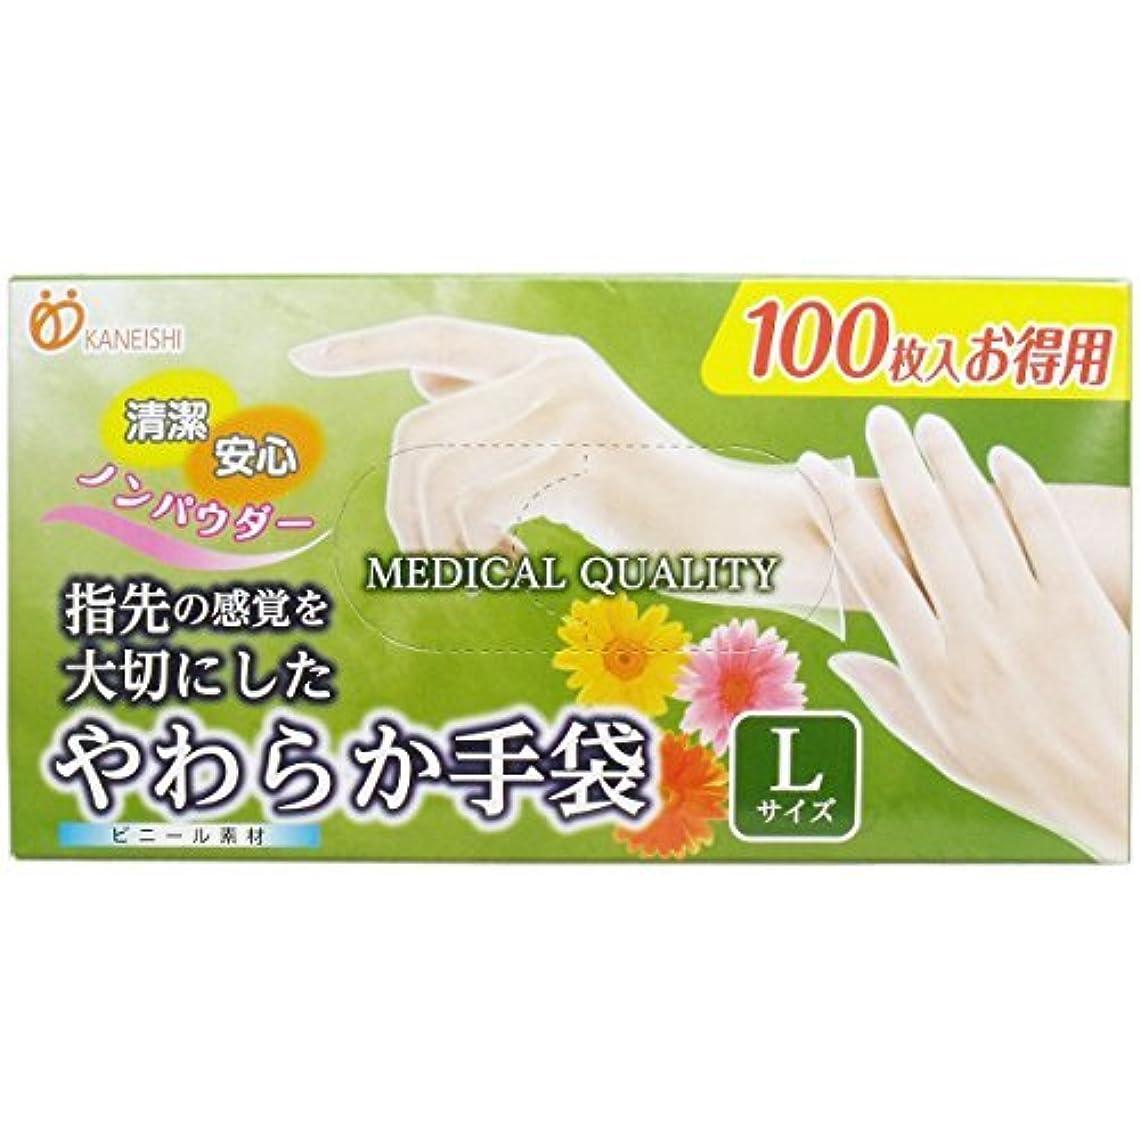 マキシムシマウマ有効なやわらか手袋 ビニール素材 Lサイズ 100枚入x7